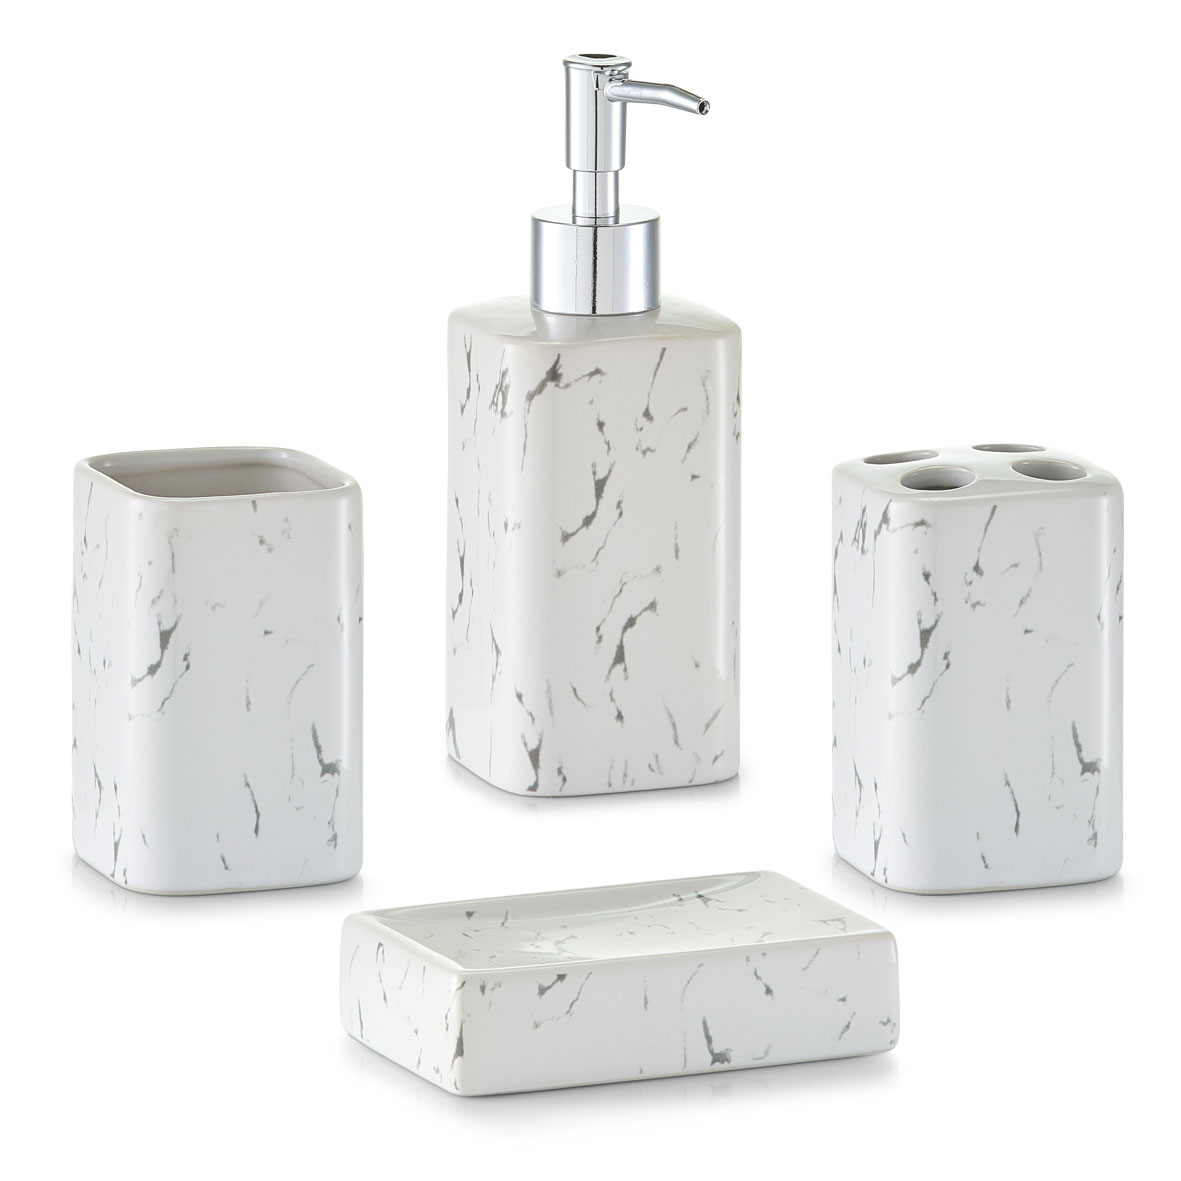 Koupelnová sada, vzhled mramor, bílá, Zeller